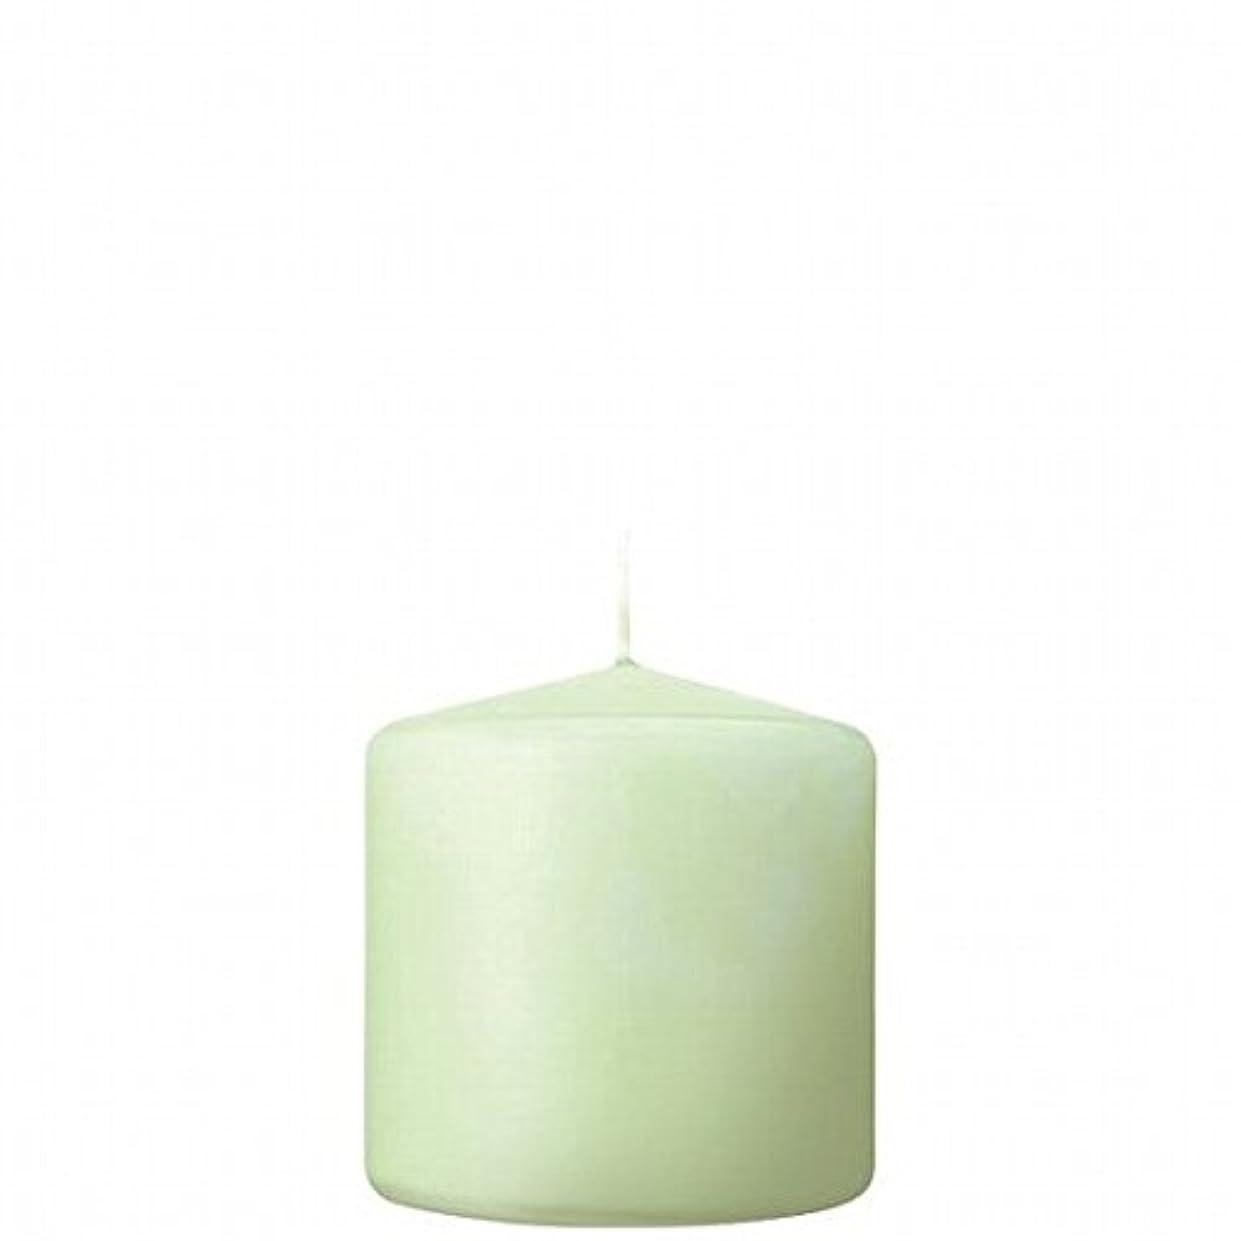 美徳一月ピクニックをするkameyama candle(カメヤマキャンドル) 3×3ベルトップピラーキャンドル 「 ホワイトグリーン 」(A9730000WG)